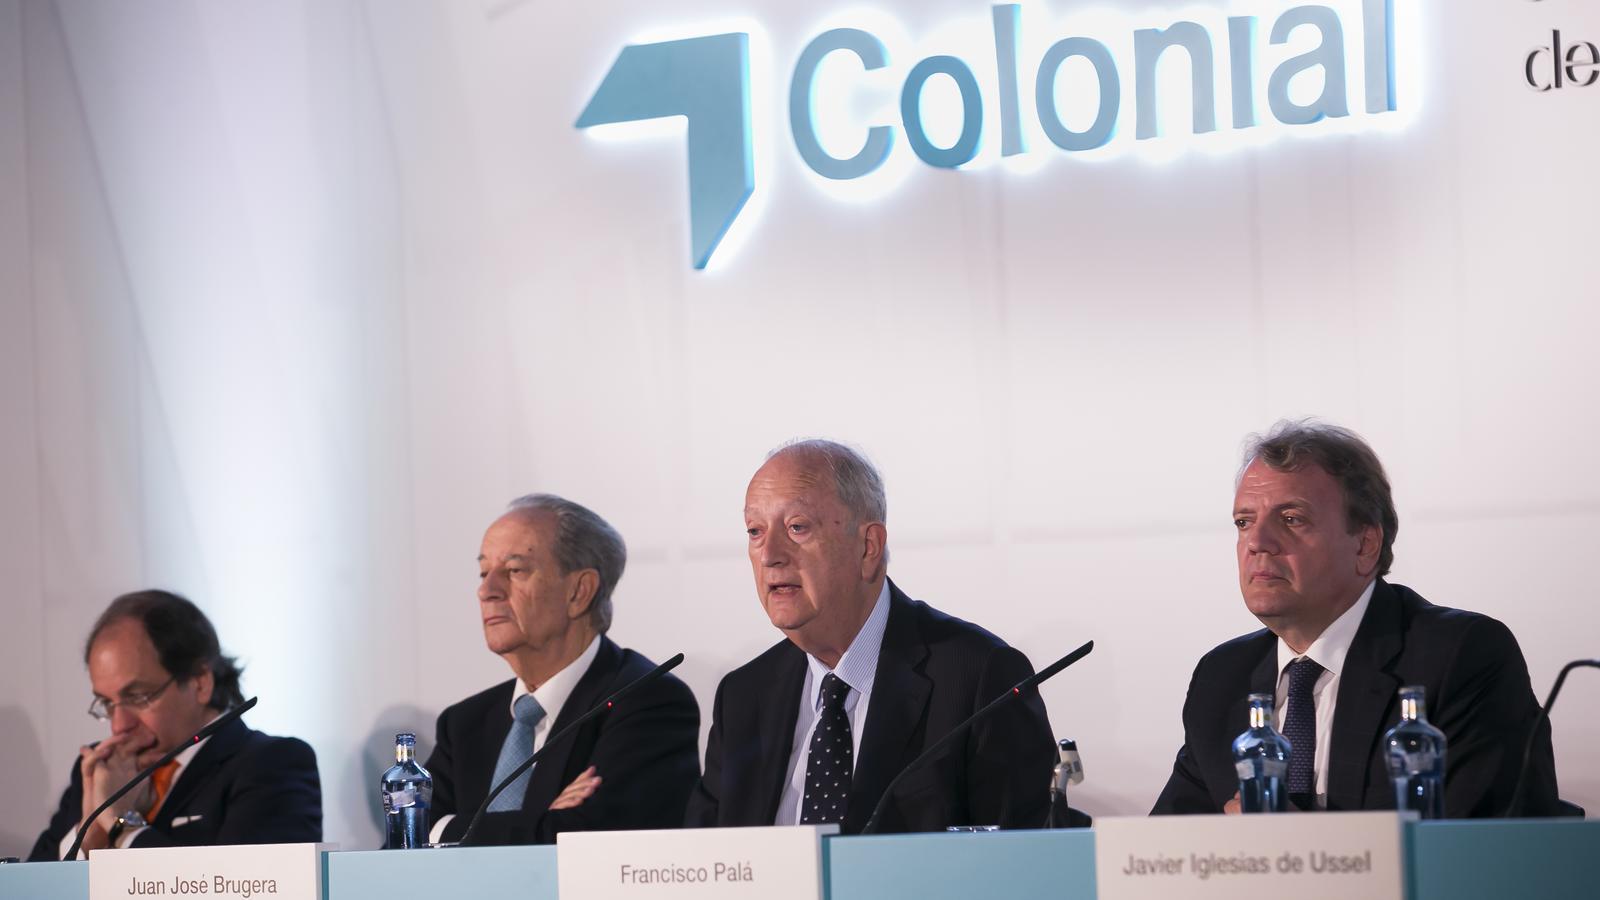 Colonial dispara un 82% el seu benefici fins als 454 M€ després de convertir-se en socimi